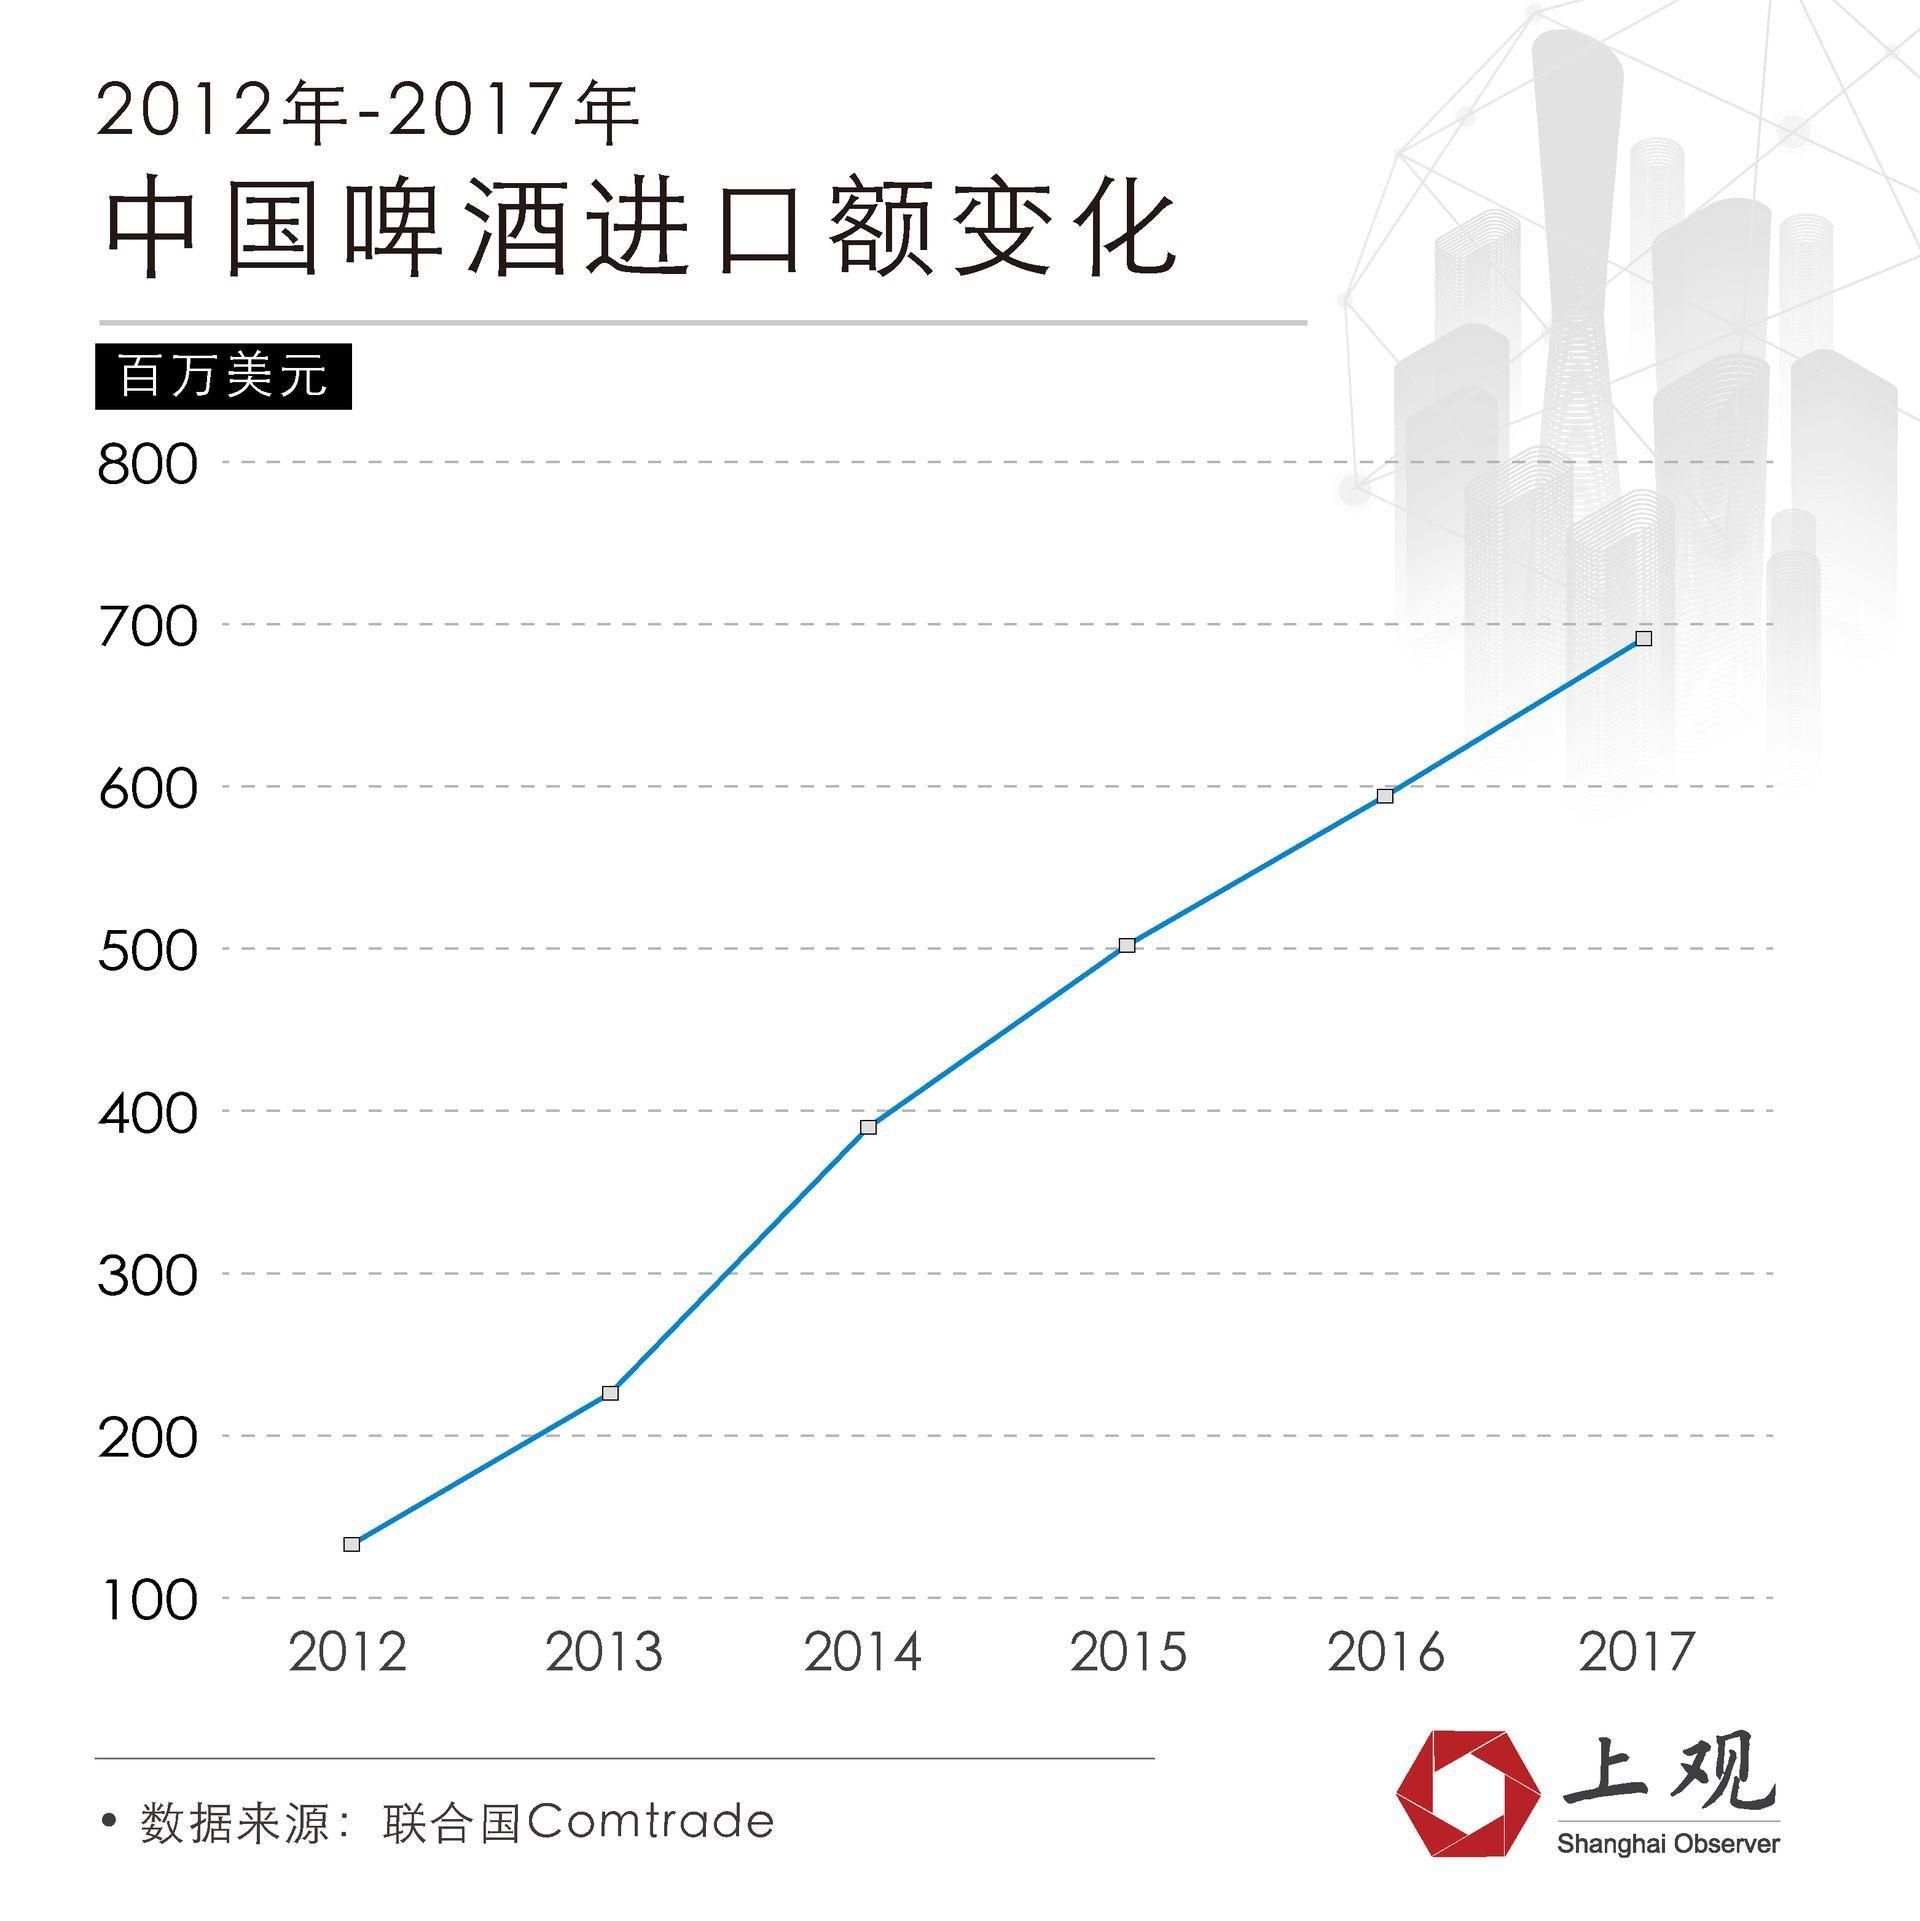 外卖进口商品订单激增 最爱买的是上海这个小区